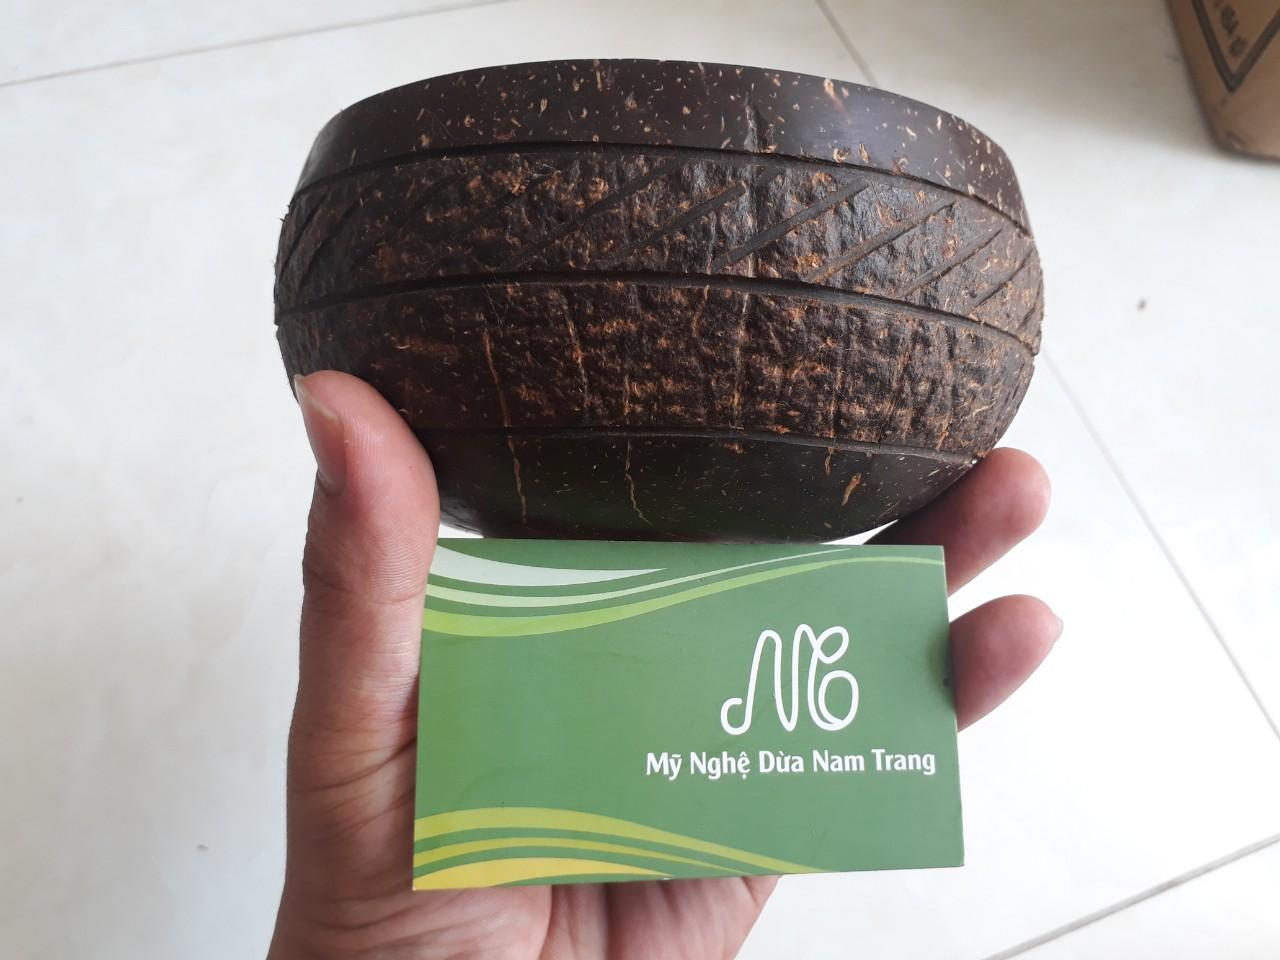 Tô gáo dừa K17 - Mỹ Nghệ Dừa Nam Trang